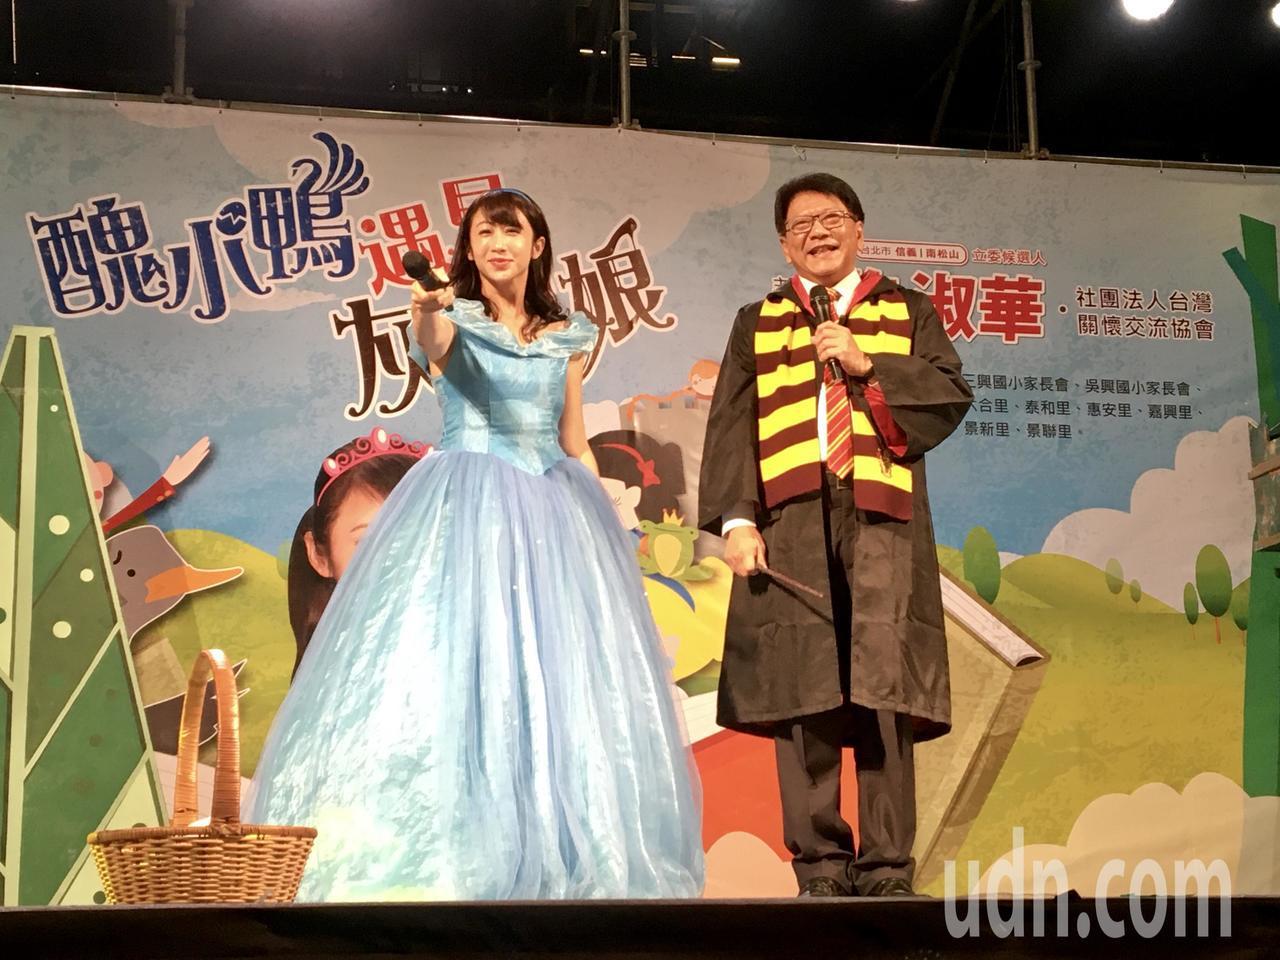 許淑華今晚變身灰姑娘,邀請如果兒童劇團在信義國中上演「當醜小鴨遇見灰姑娘」舞台劇...